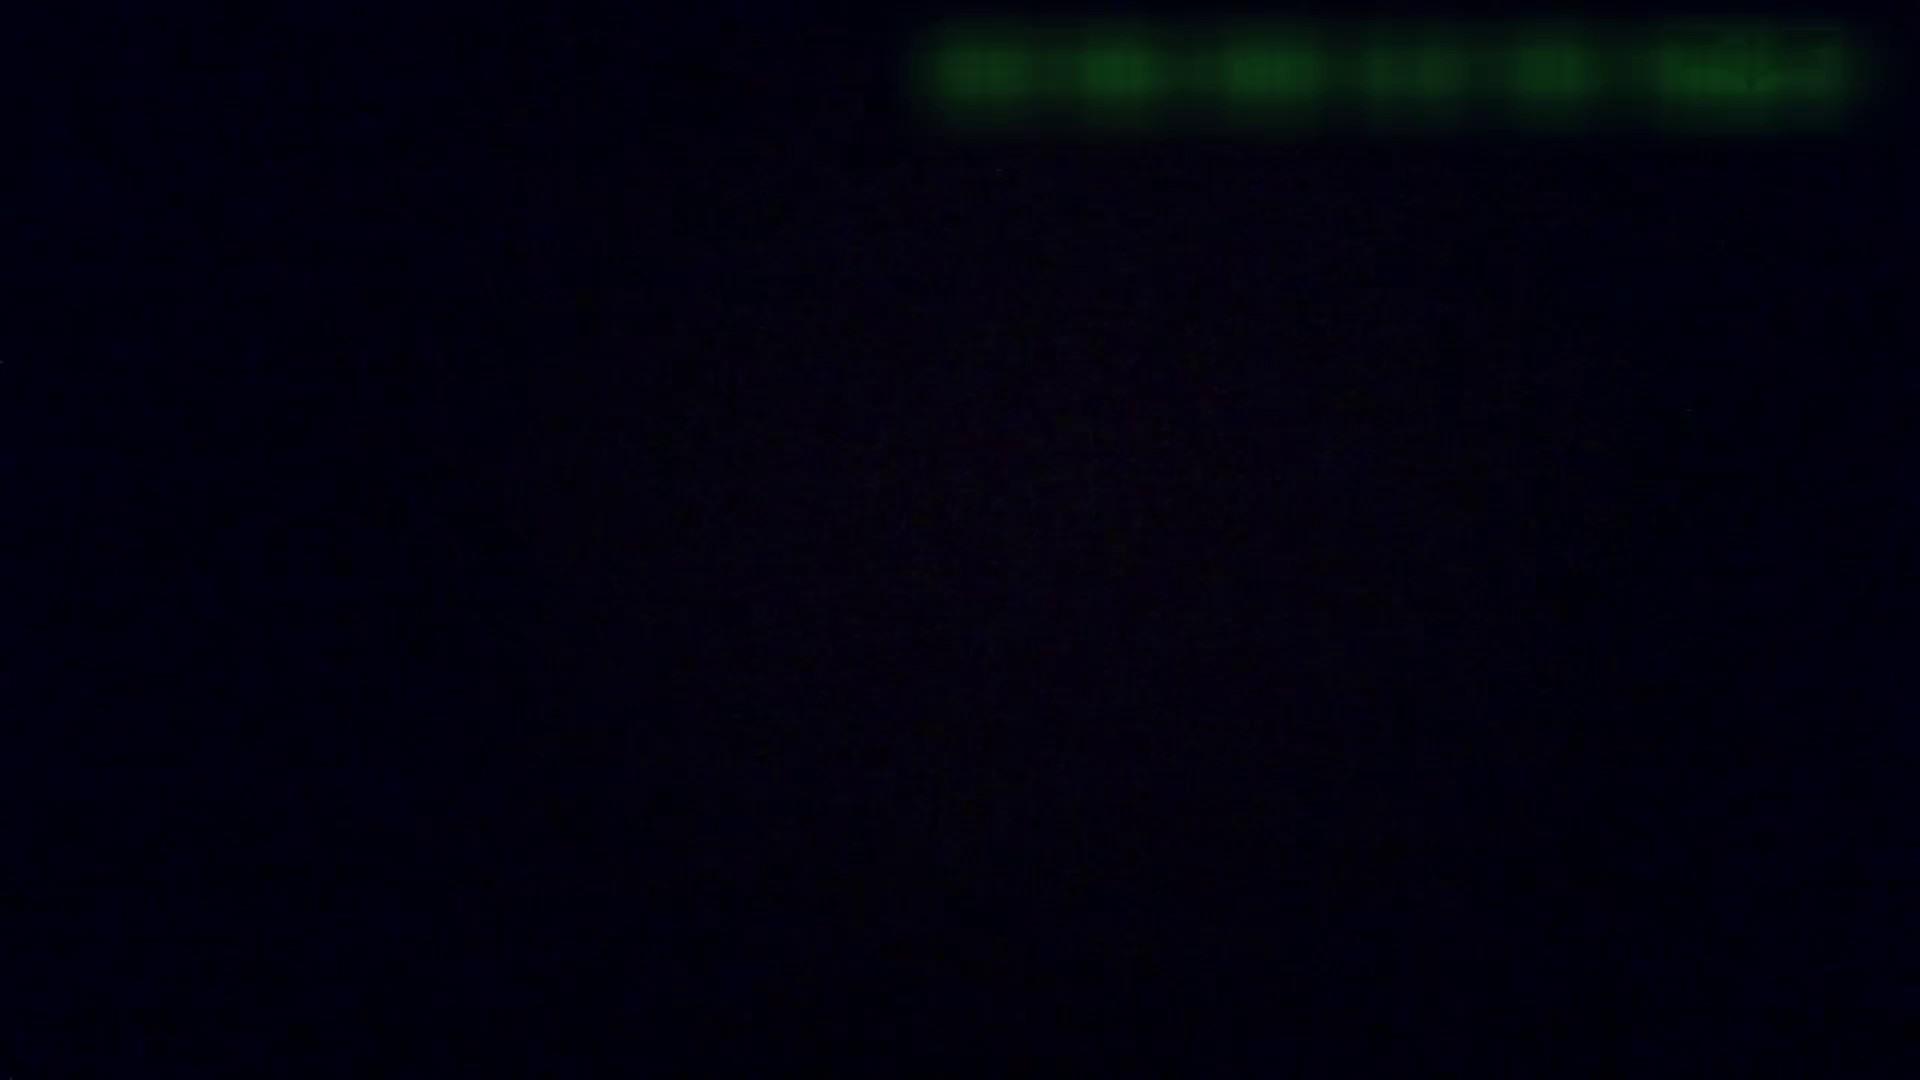 ▲2017_13位▲ 学園アイドル美人女子大生❷(下巻)5人詰合せVol.50 エッチすぎるOL達 ぱこり動画紹介 107連発 26